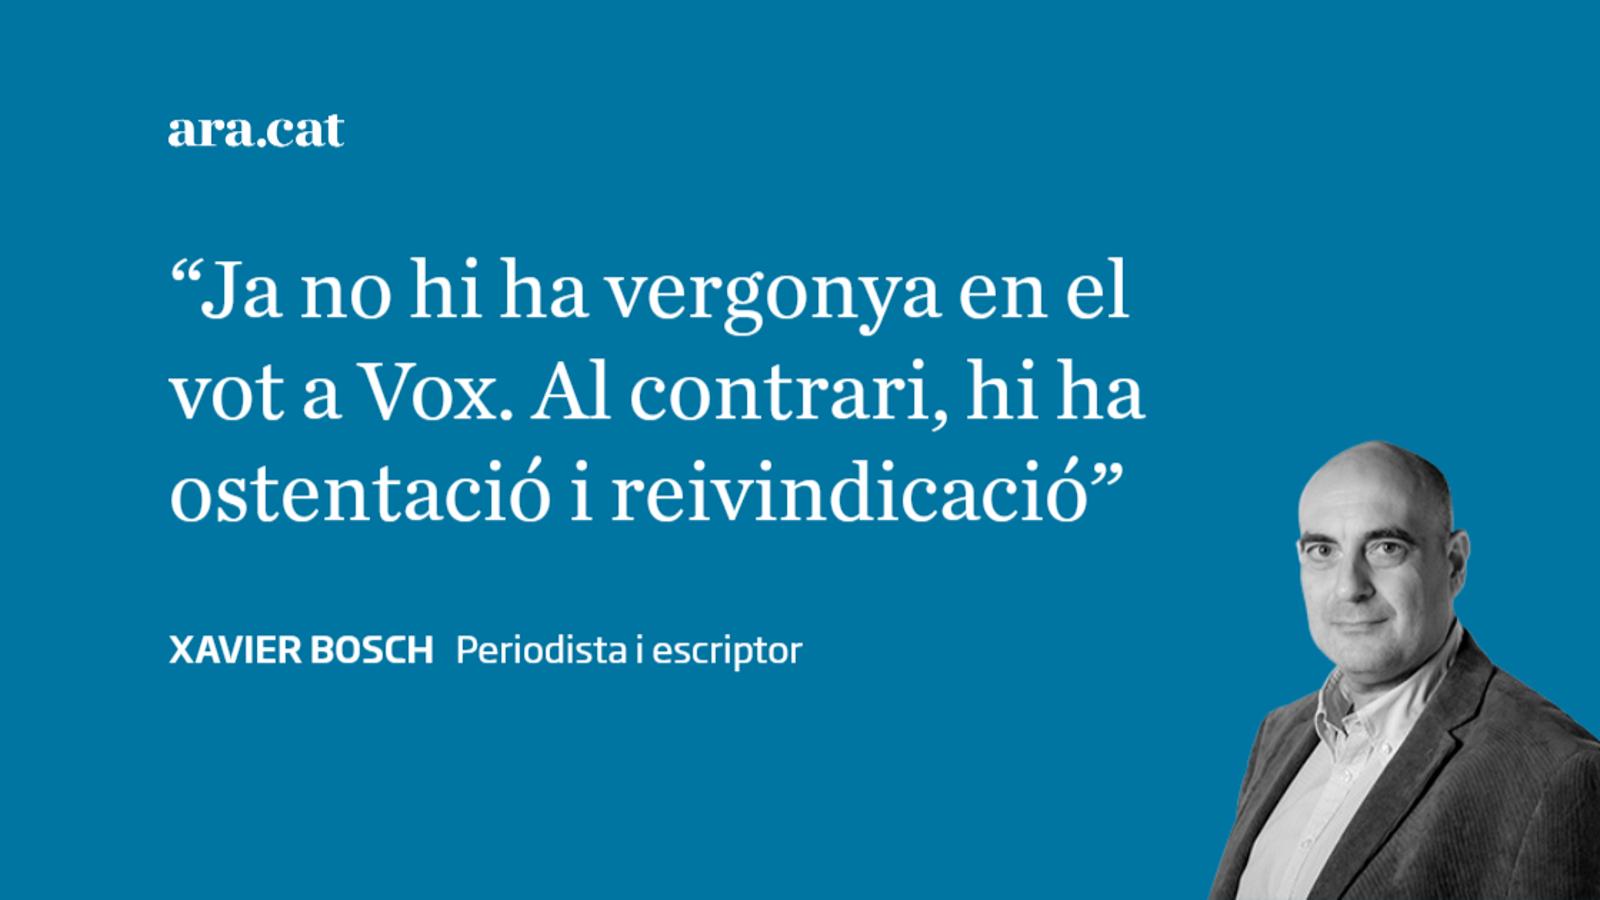 Amb V de Venècia / Amb V de Vox